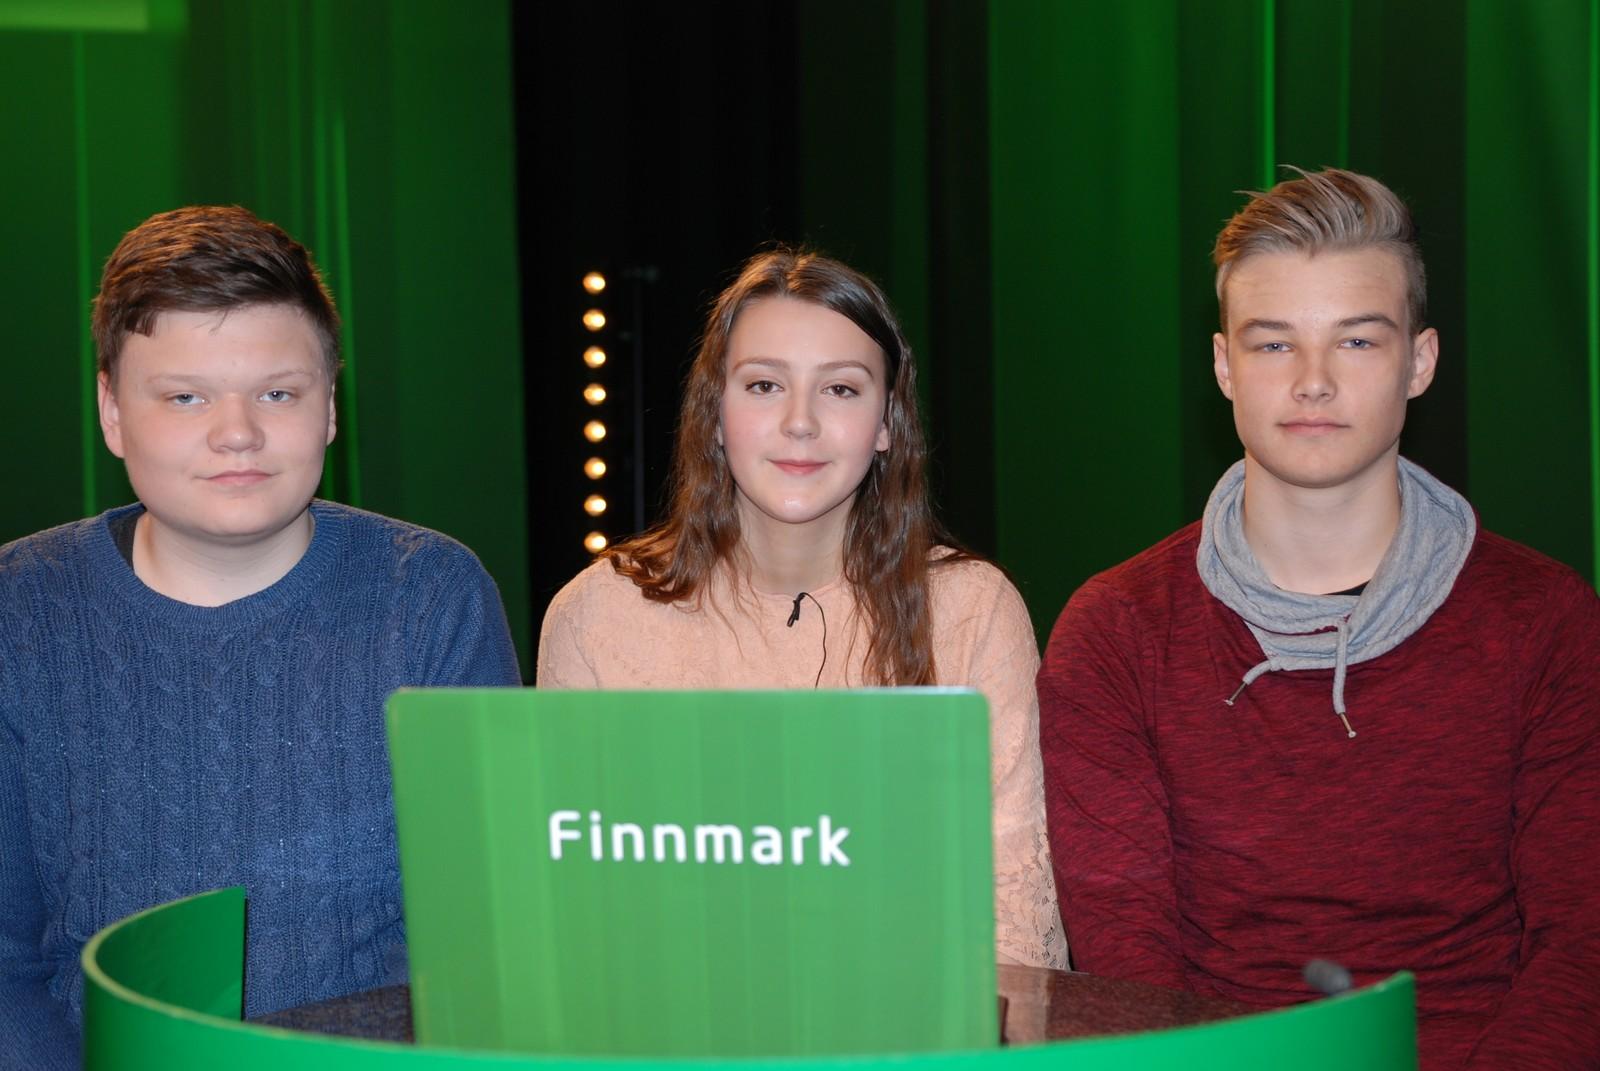 FINNMARK: Kjøllefjord representert ved Peter Wik, Elias Weie og Anna Julie Wallenius.